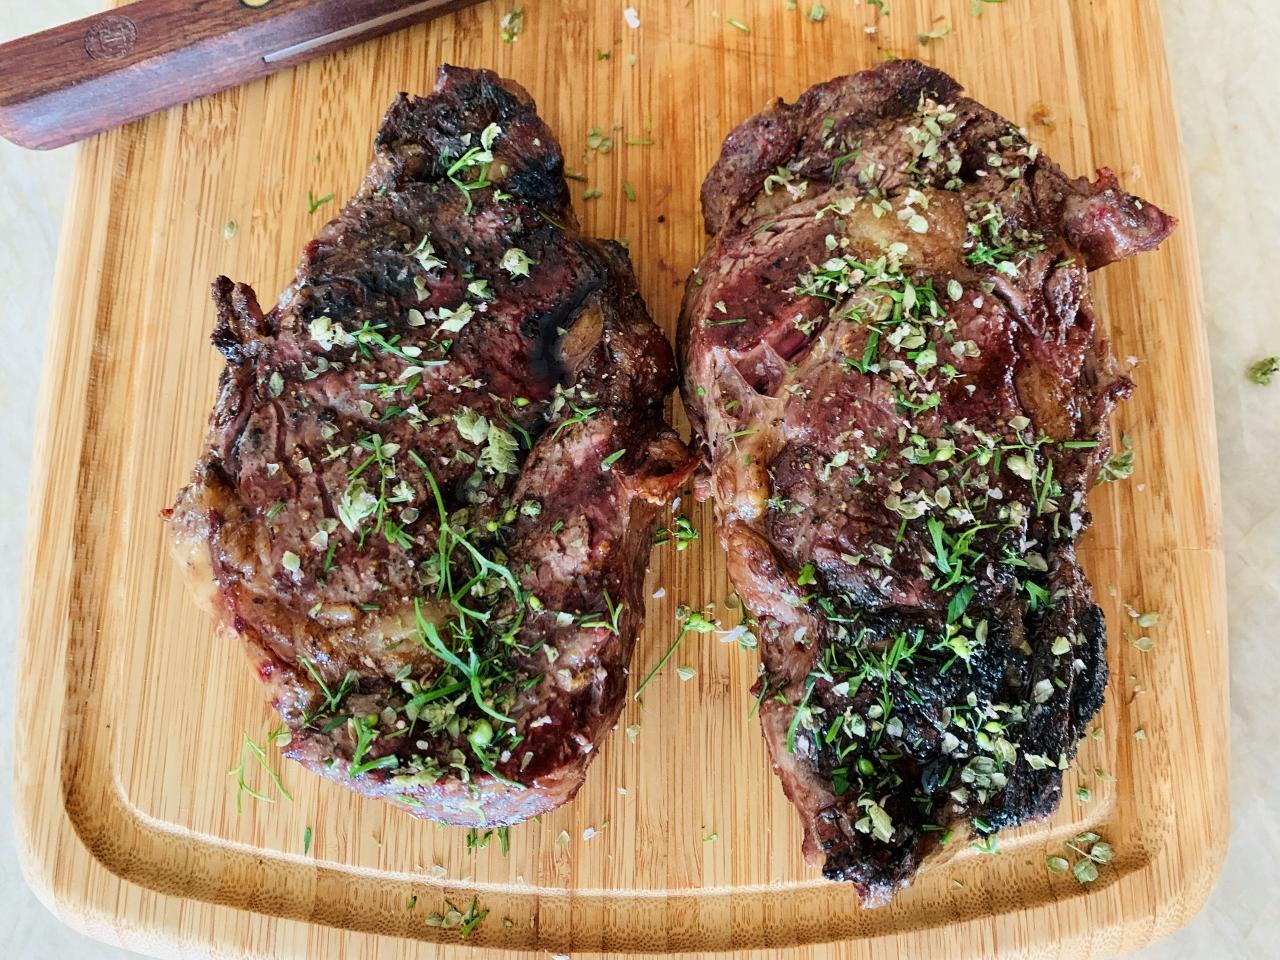 Grilled Ribeye Steaks with Flowering Herbs – Recipe! Image 2